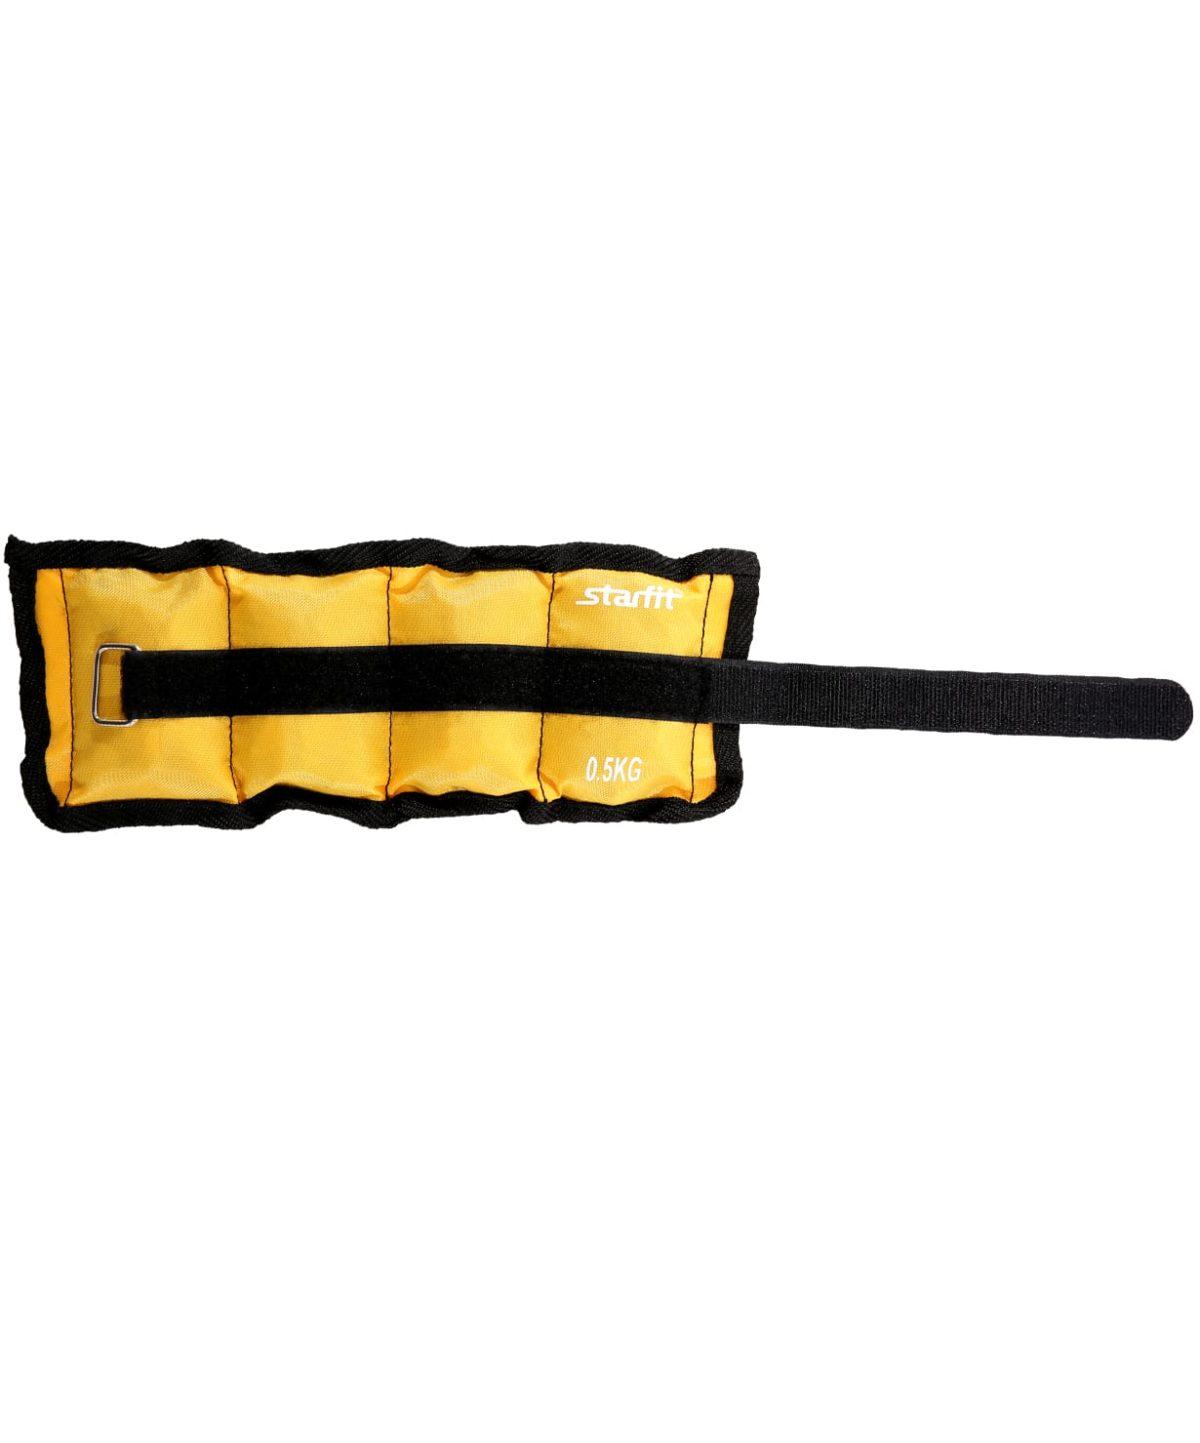 STARFIT Утяжелители  0.5 кг, желтый WT-401 - 3